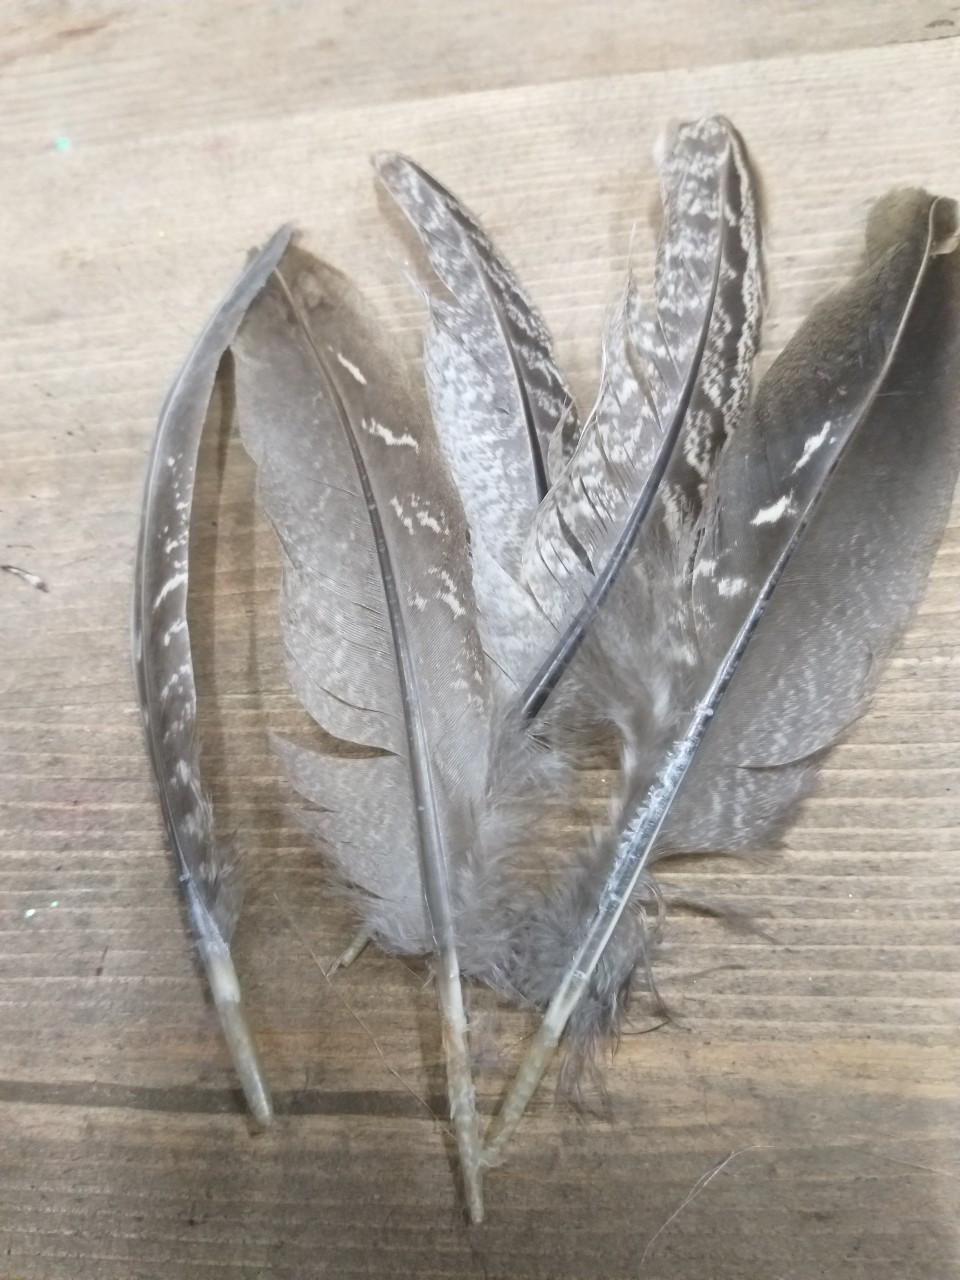 Красивые большие перья как заготовка для творчества, 5 шт. в упаковке, длина пера 13-16 см., 20 грн.